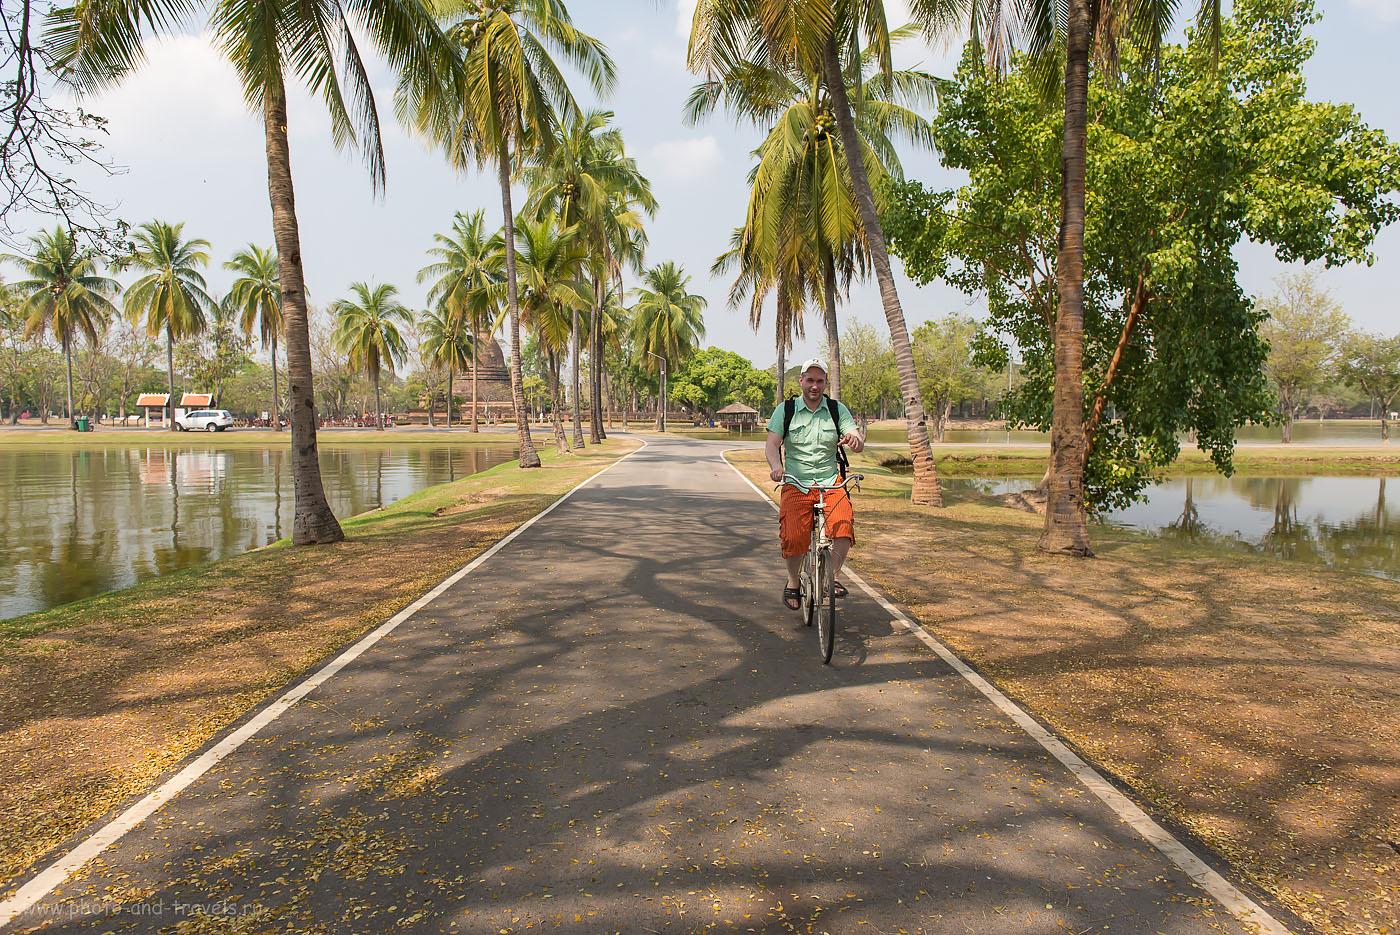 Фотография 7. Самый подходящий вид транспорта для осмотра достопримечательностей в историческом парке Sukhothai Historical Park - велосипед! Отзывы туристов о самостоятельном отдыхе в Таиланде